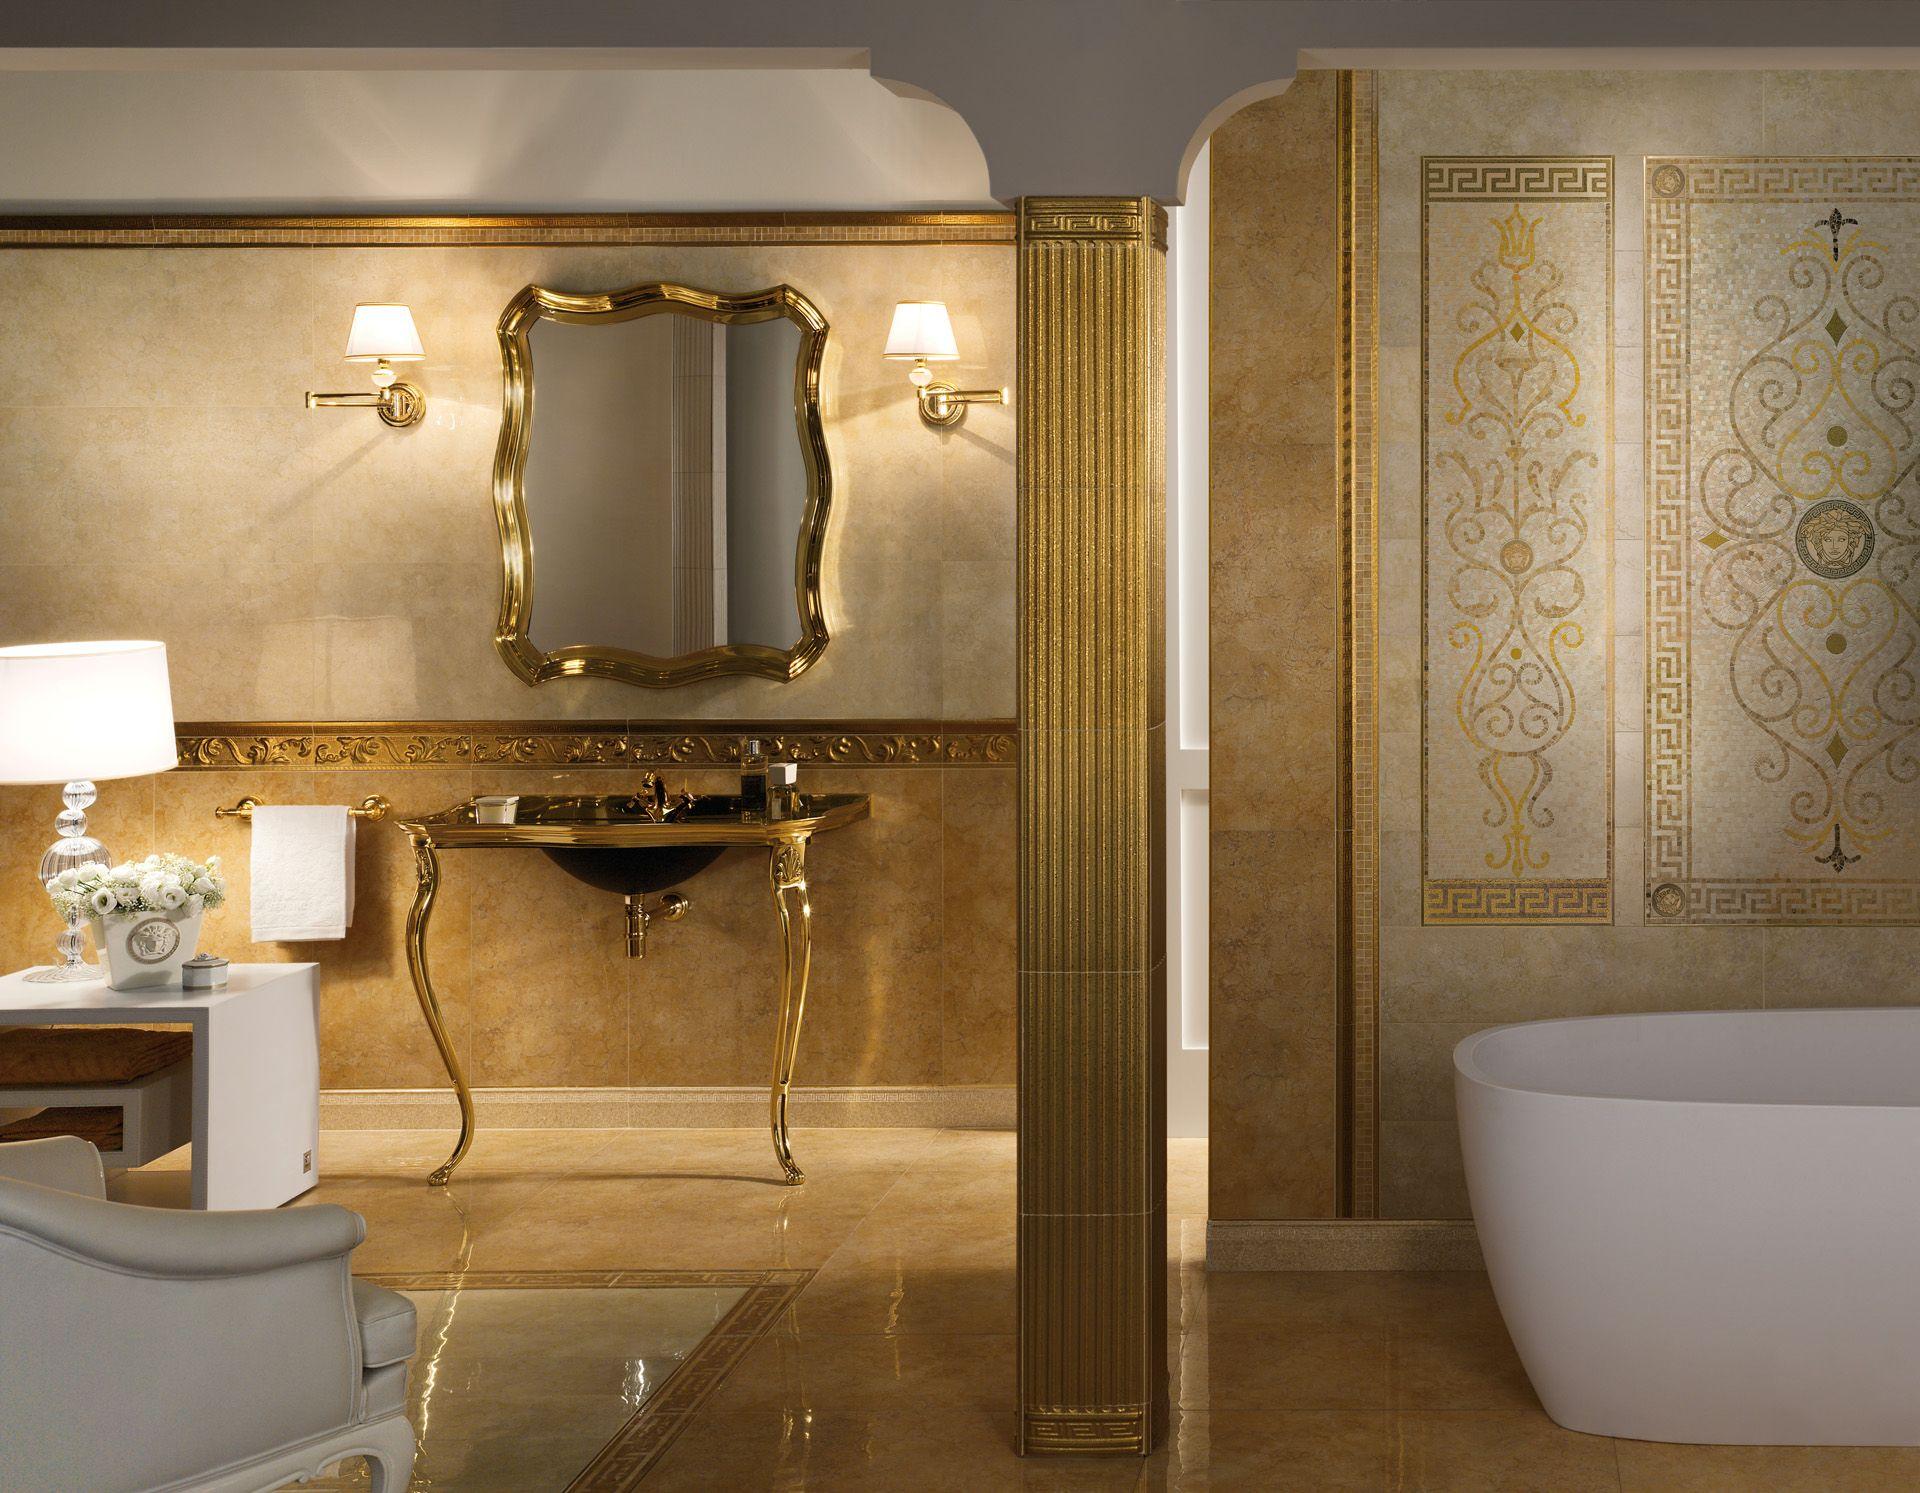 Versace Badezimmer ~ Die besten 25 versace tiles ideen auf pinterest versace dekor